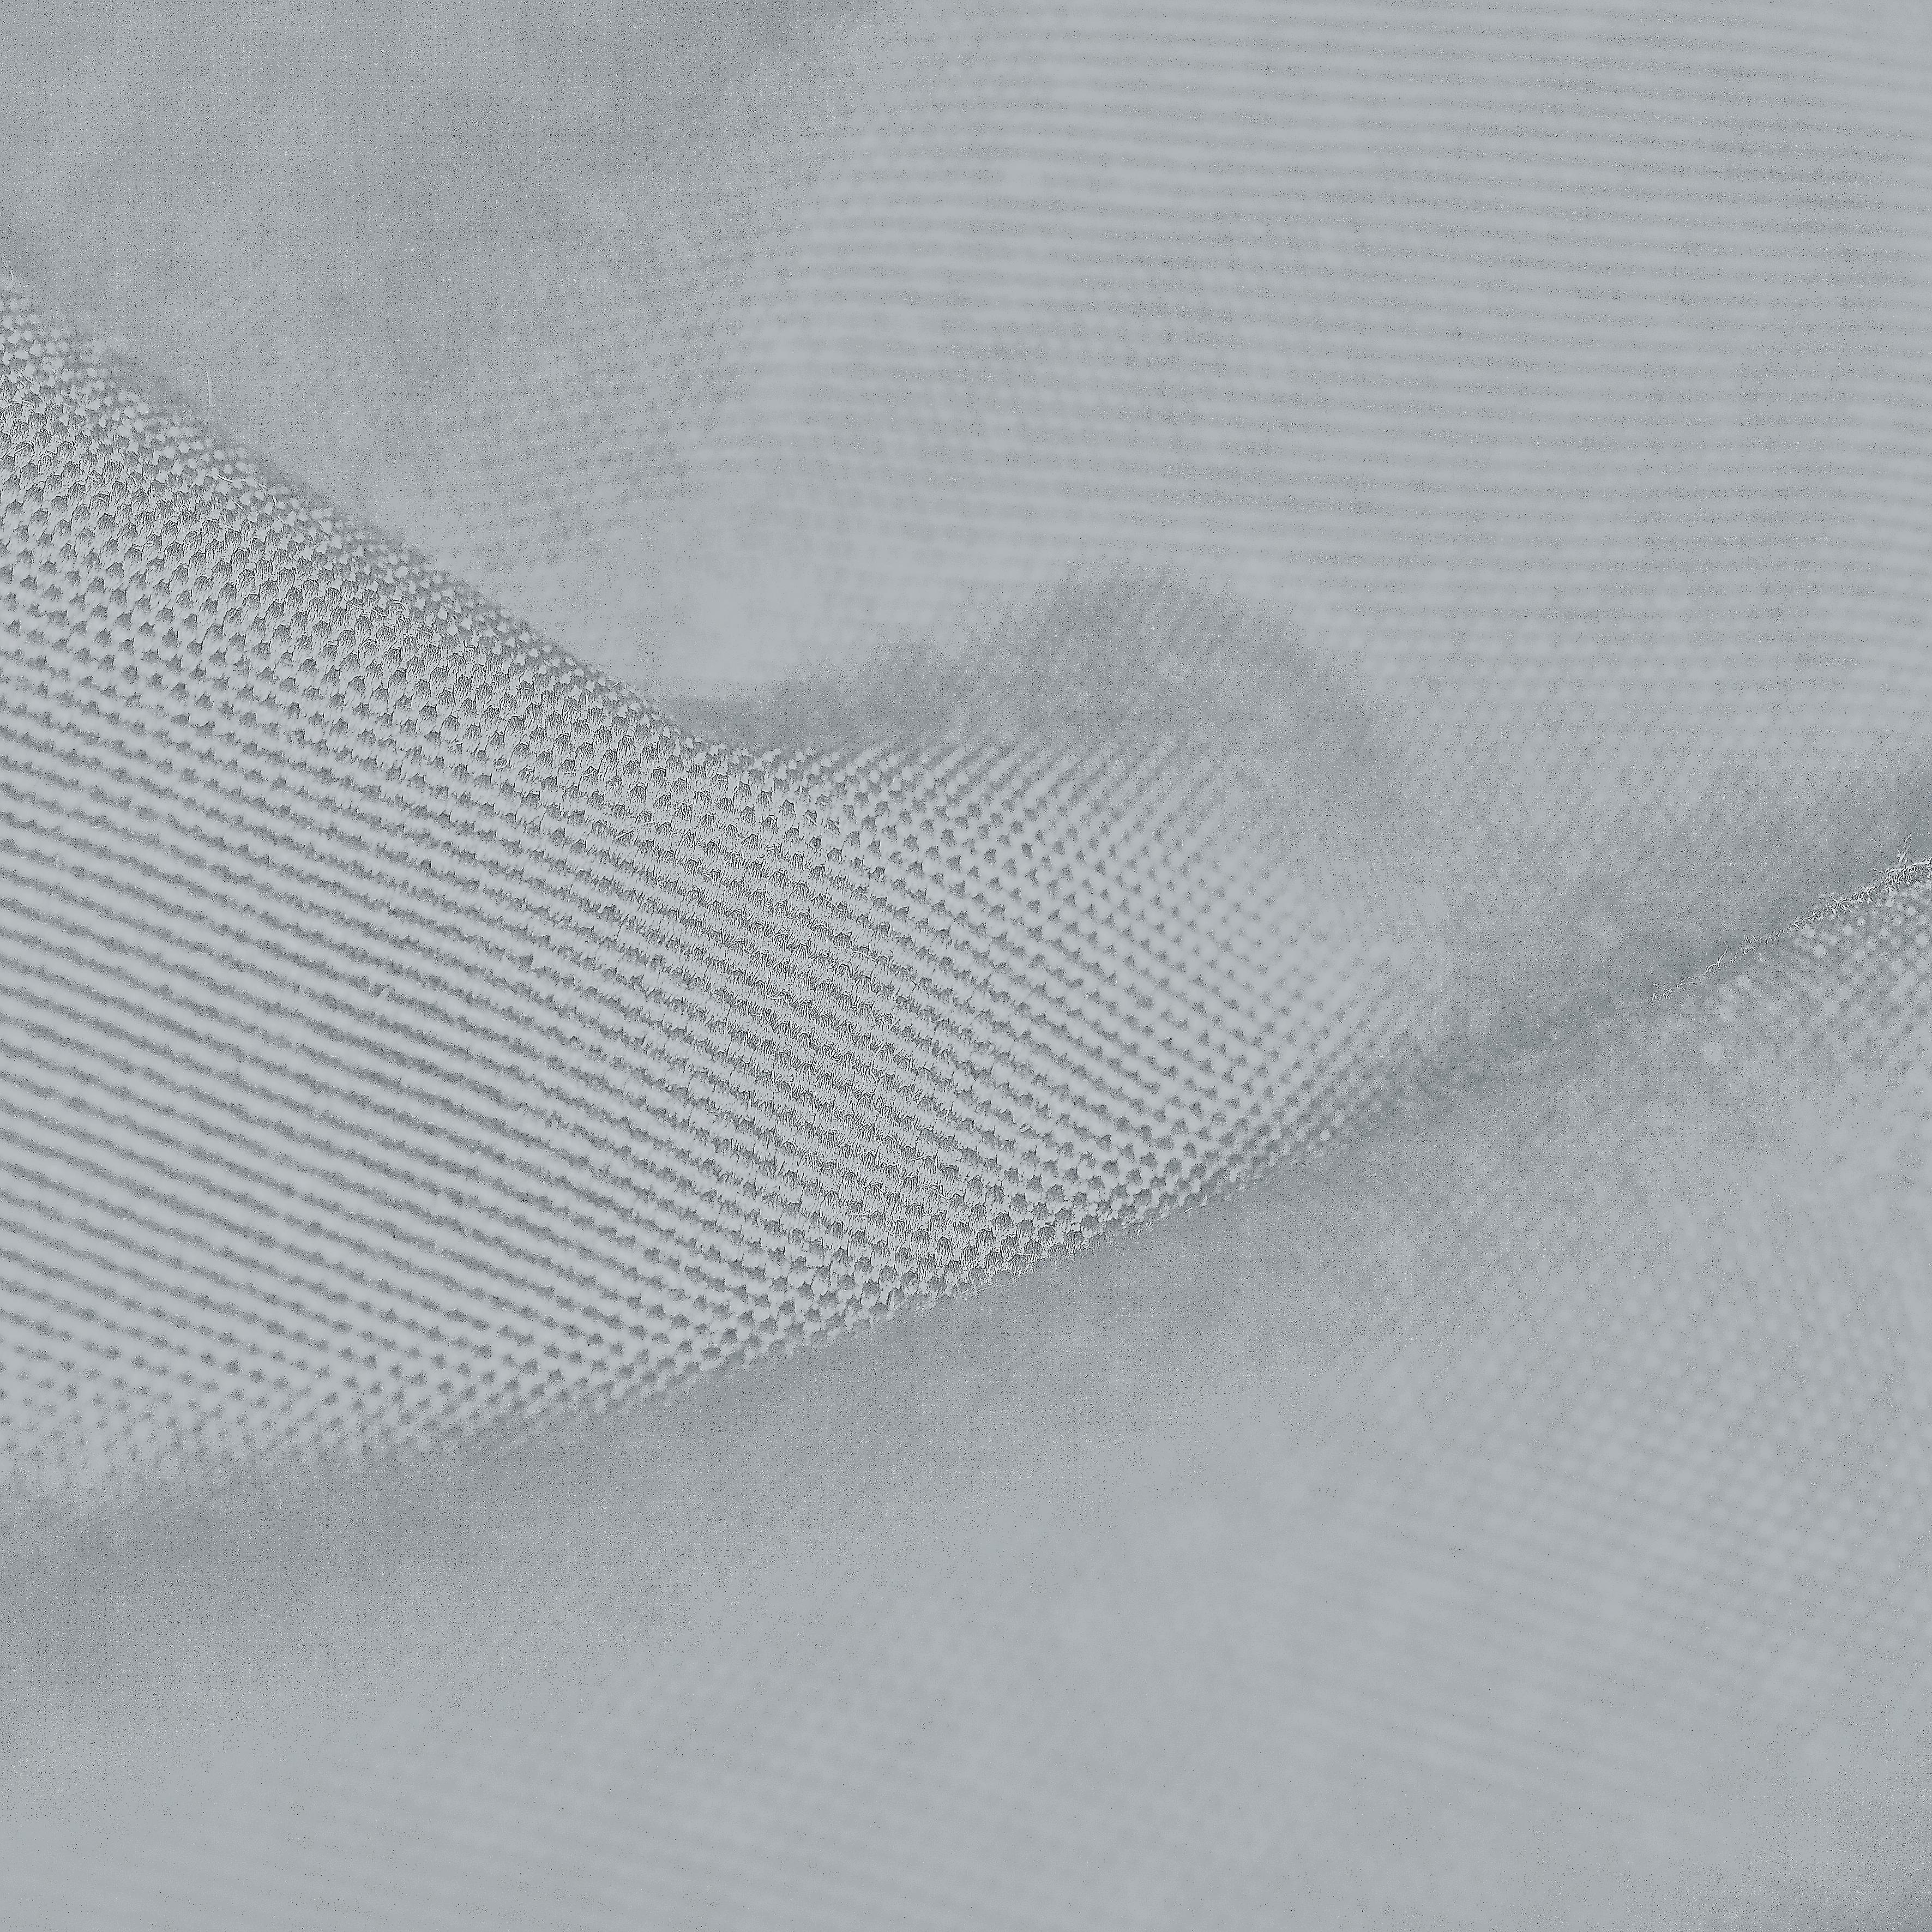 Farbe cool-grey Material Plus